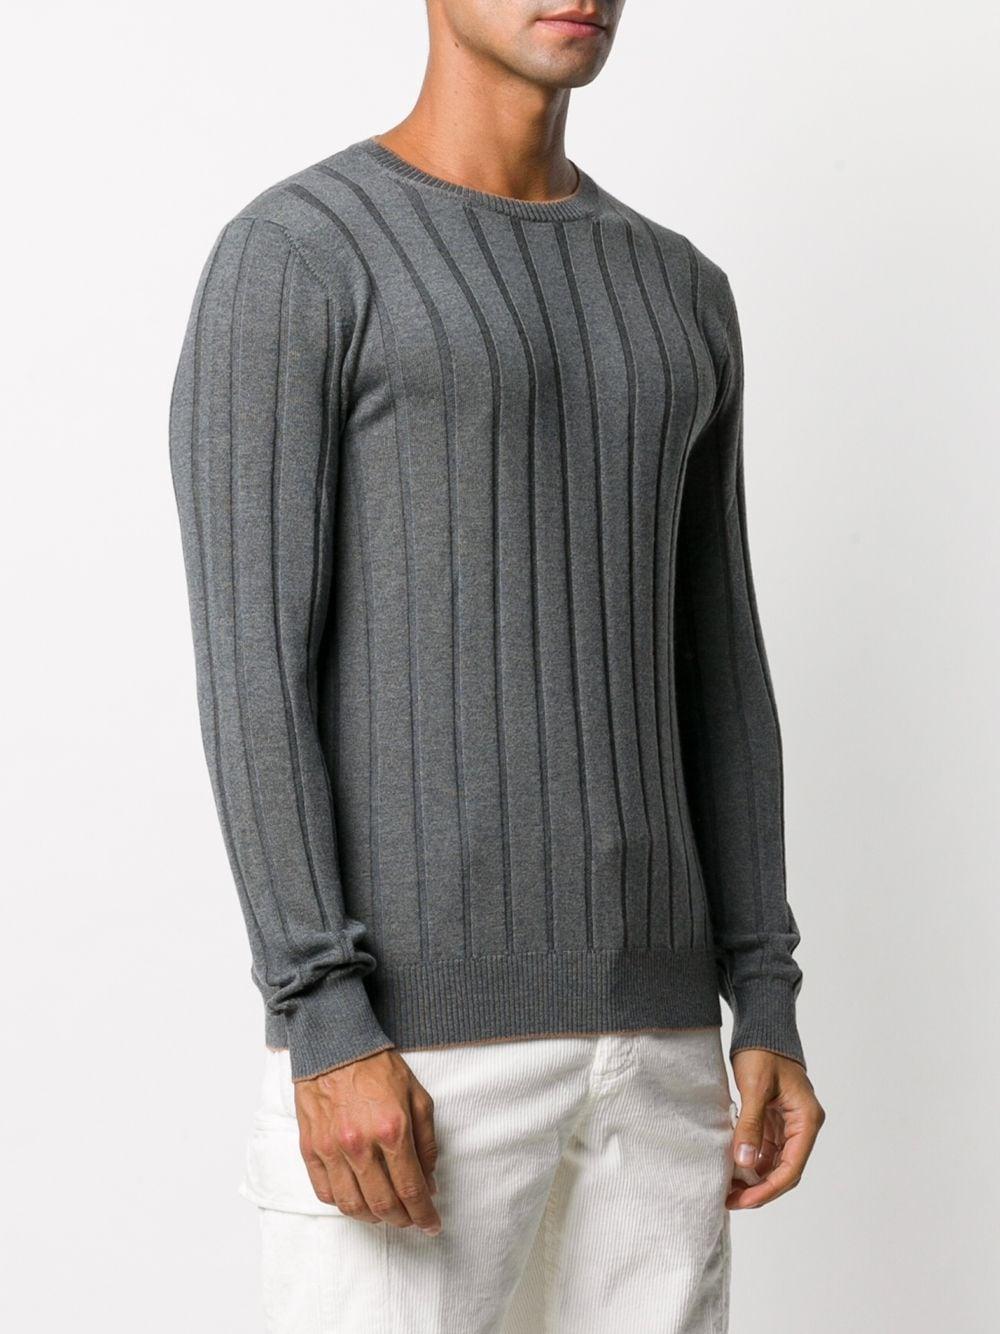 Medium grey wool fine-knit ribbed wool jumper   ELEVENTY      B71MAGB20-MAG0B04315-04A